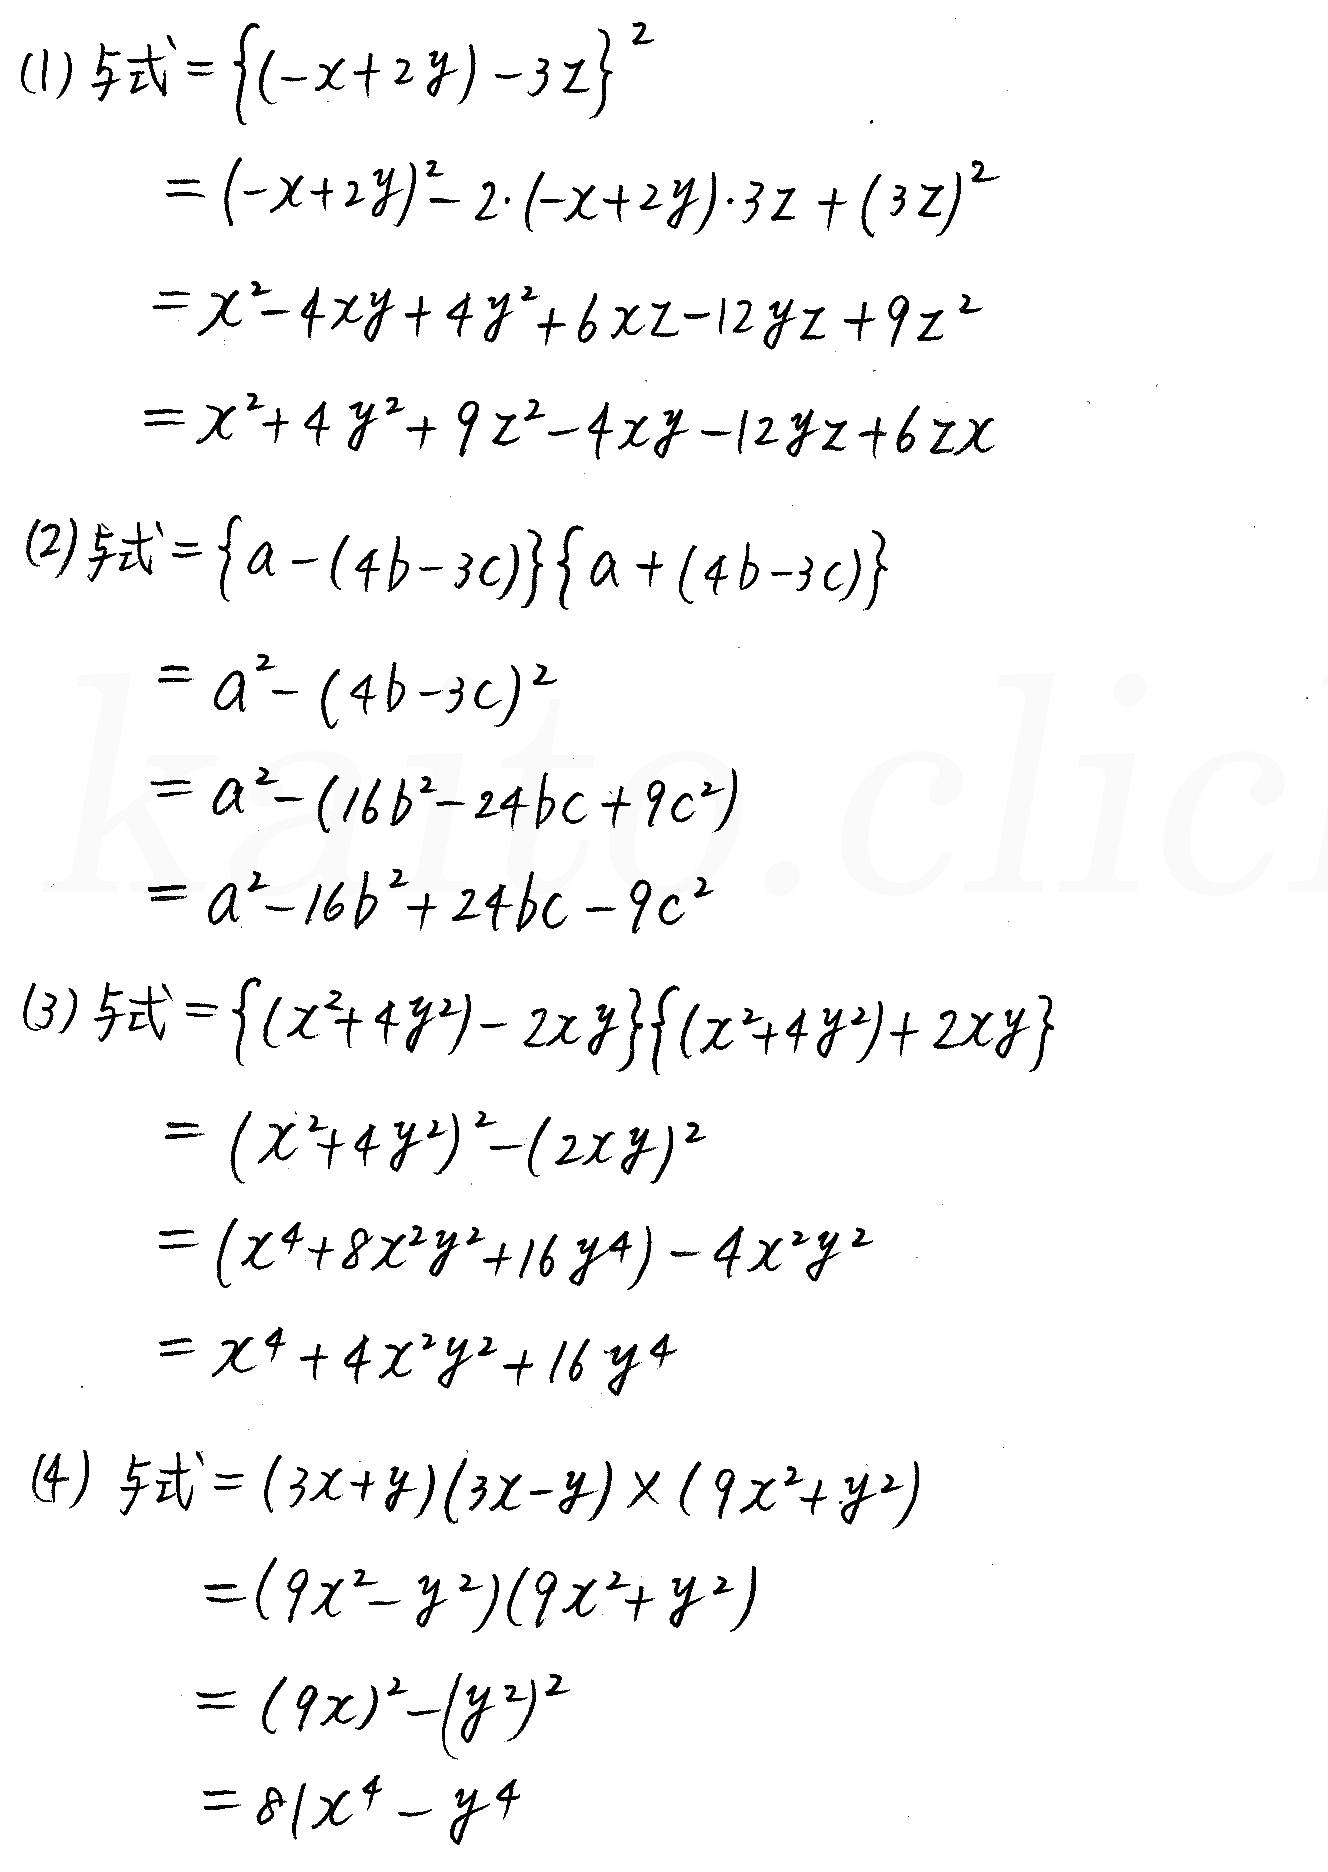 クリアー数学1-27解答